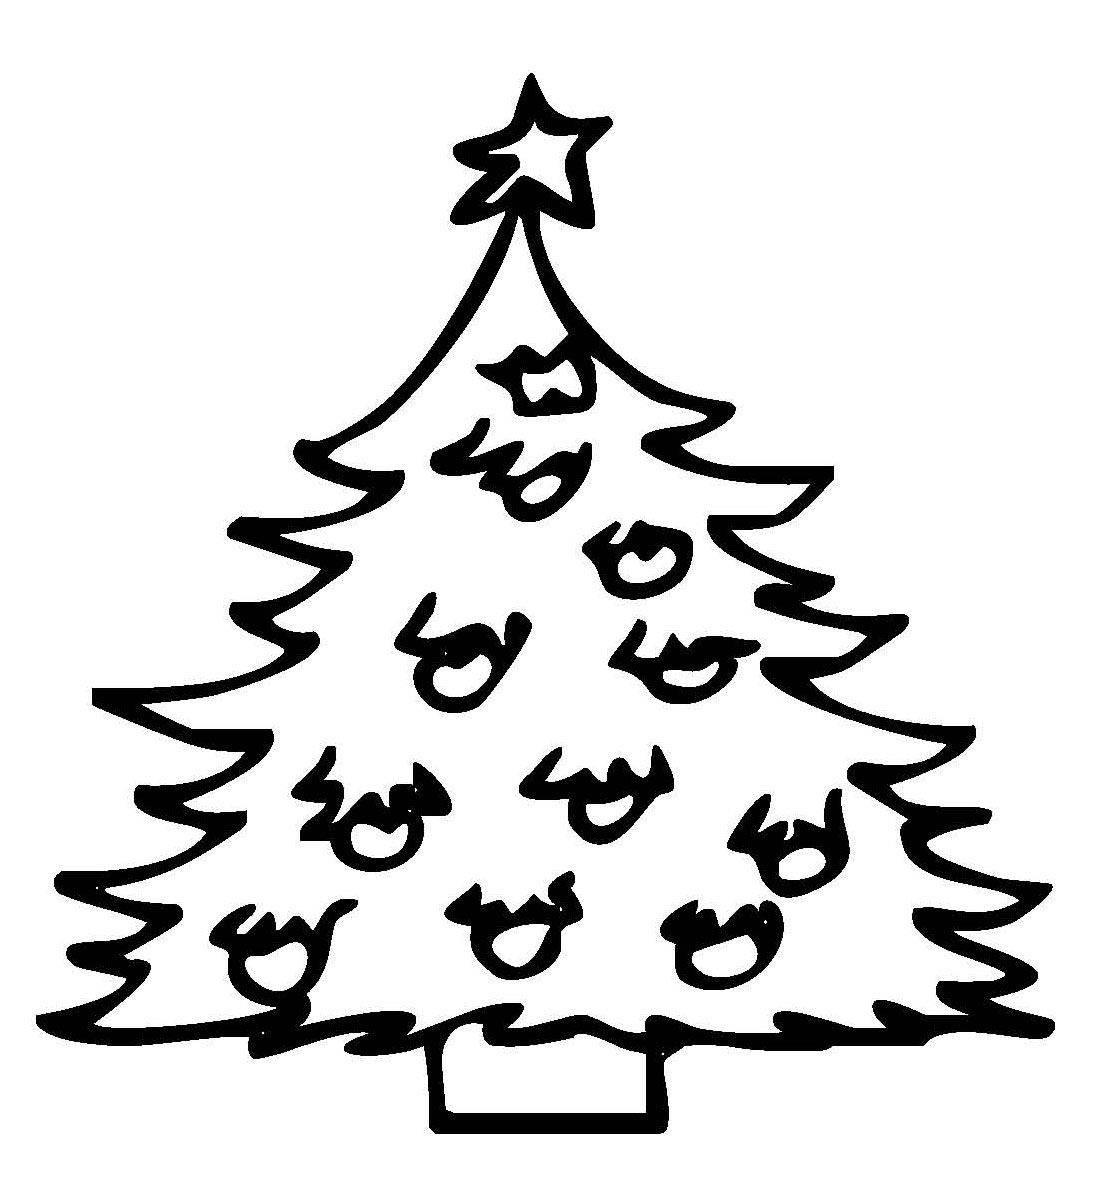 Ausmalbilder Weihnachten Christbaum Genial Tannenbaum Umries Malvorlage Bild